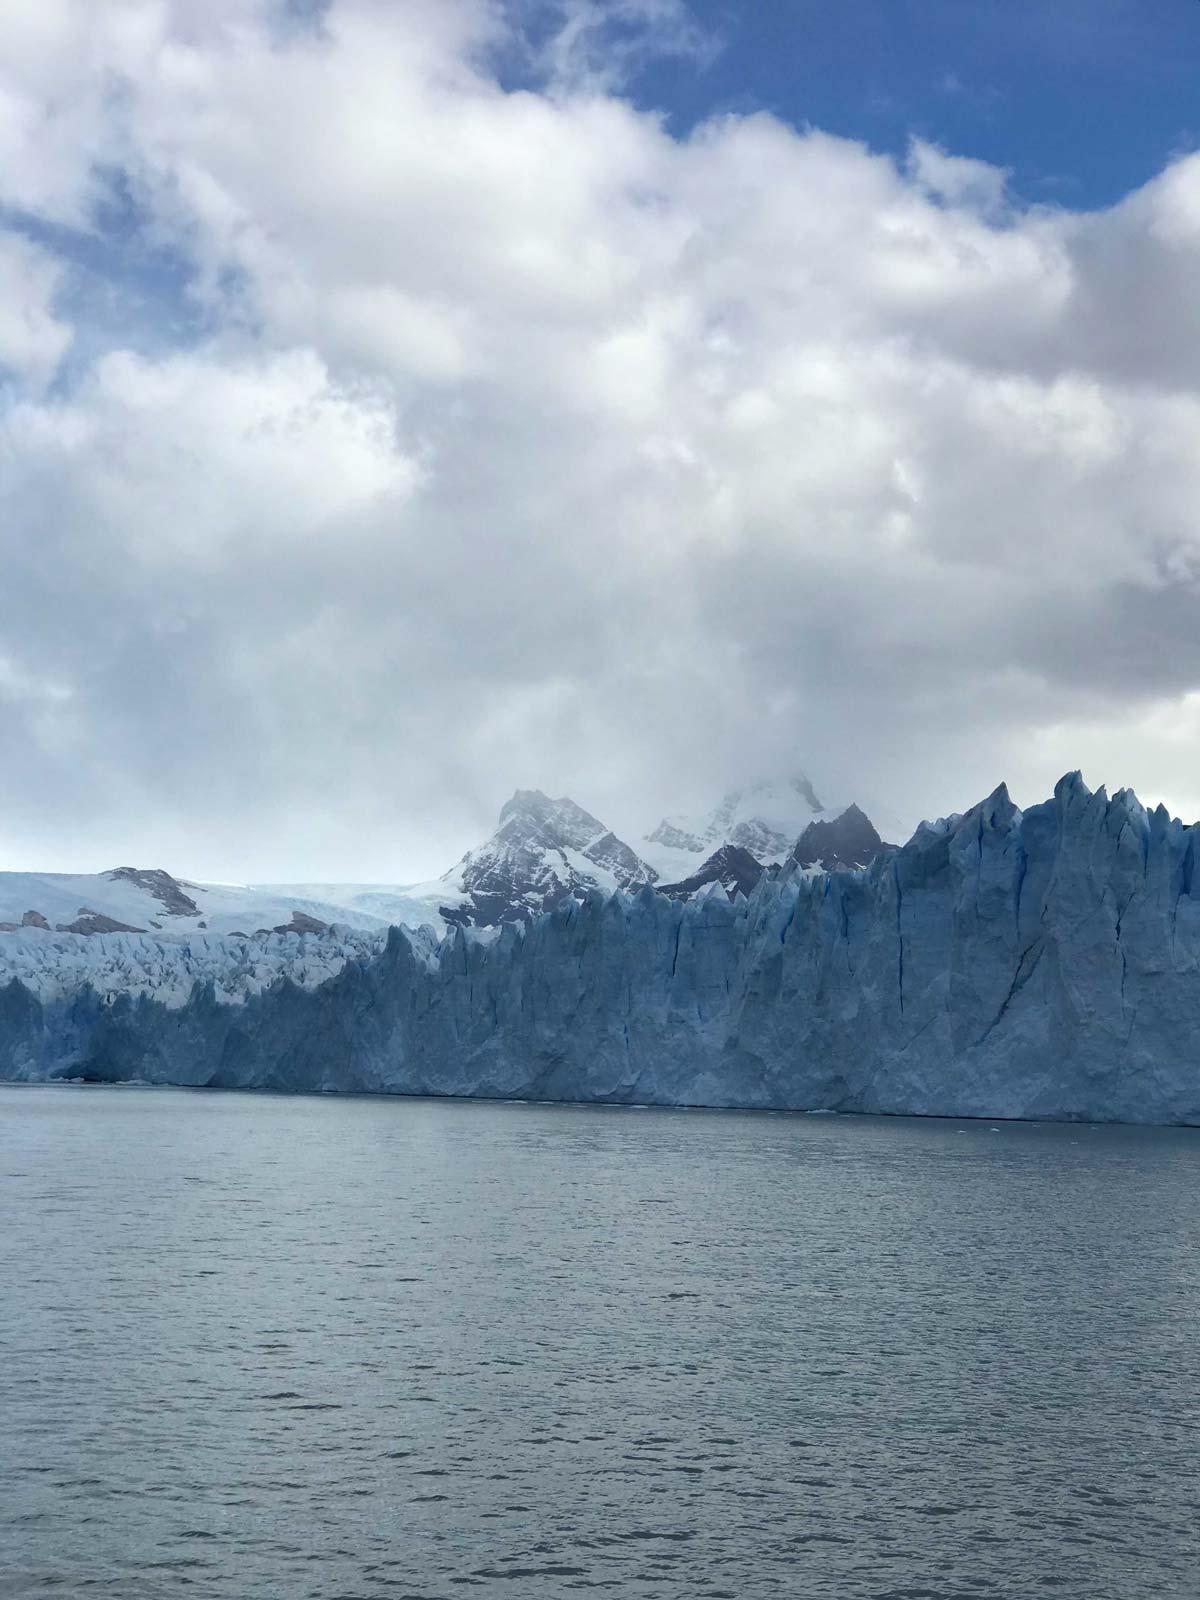 View of the Perito Moreno Glacier from a boat